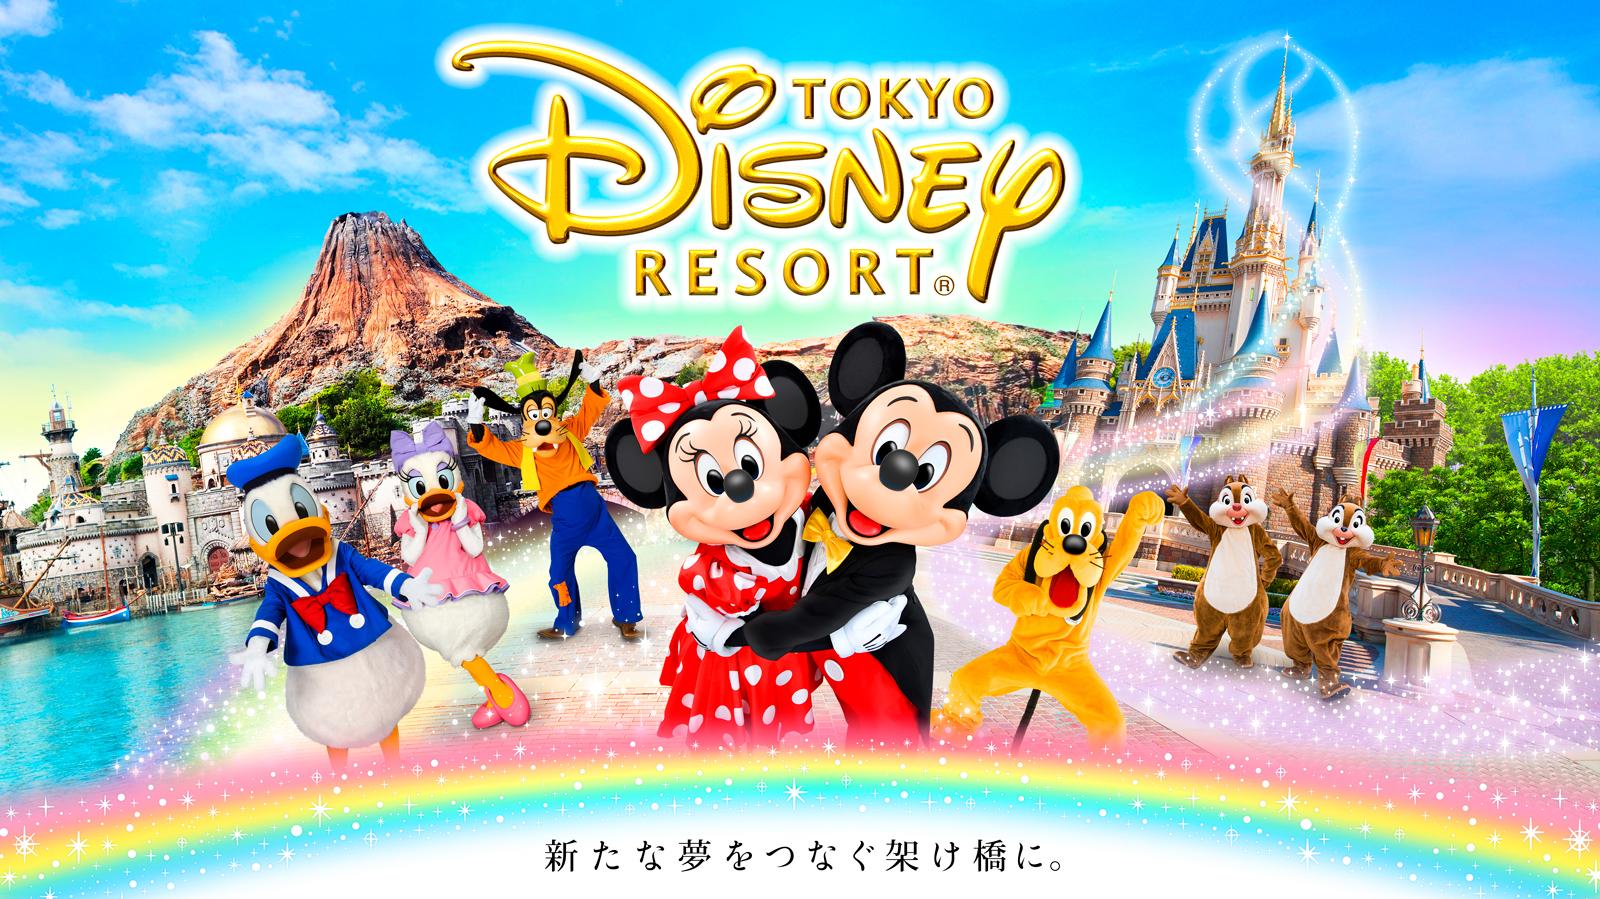 東京ディズニーリゾートのイメージ